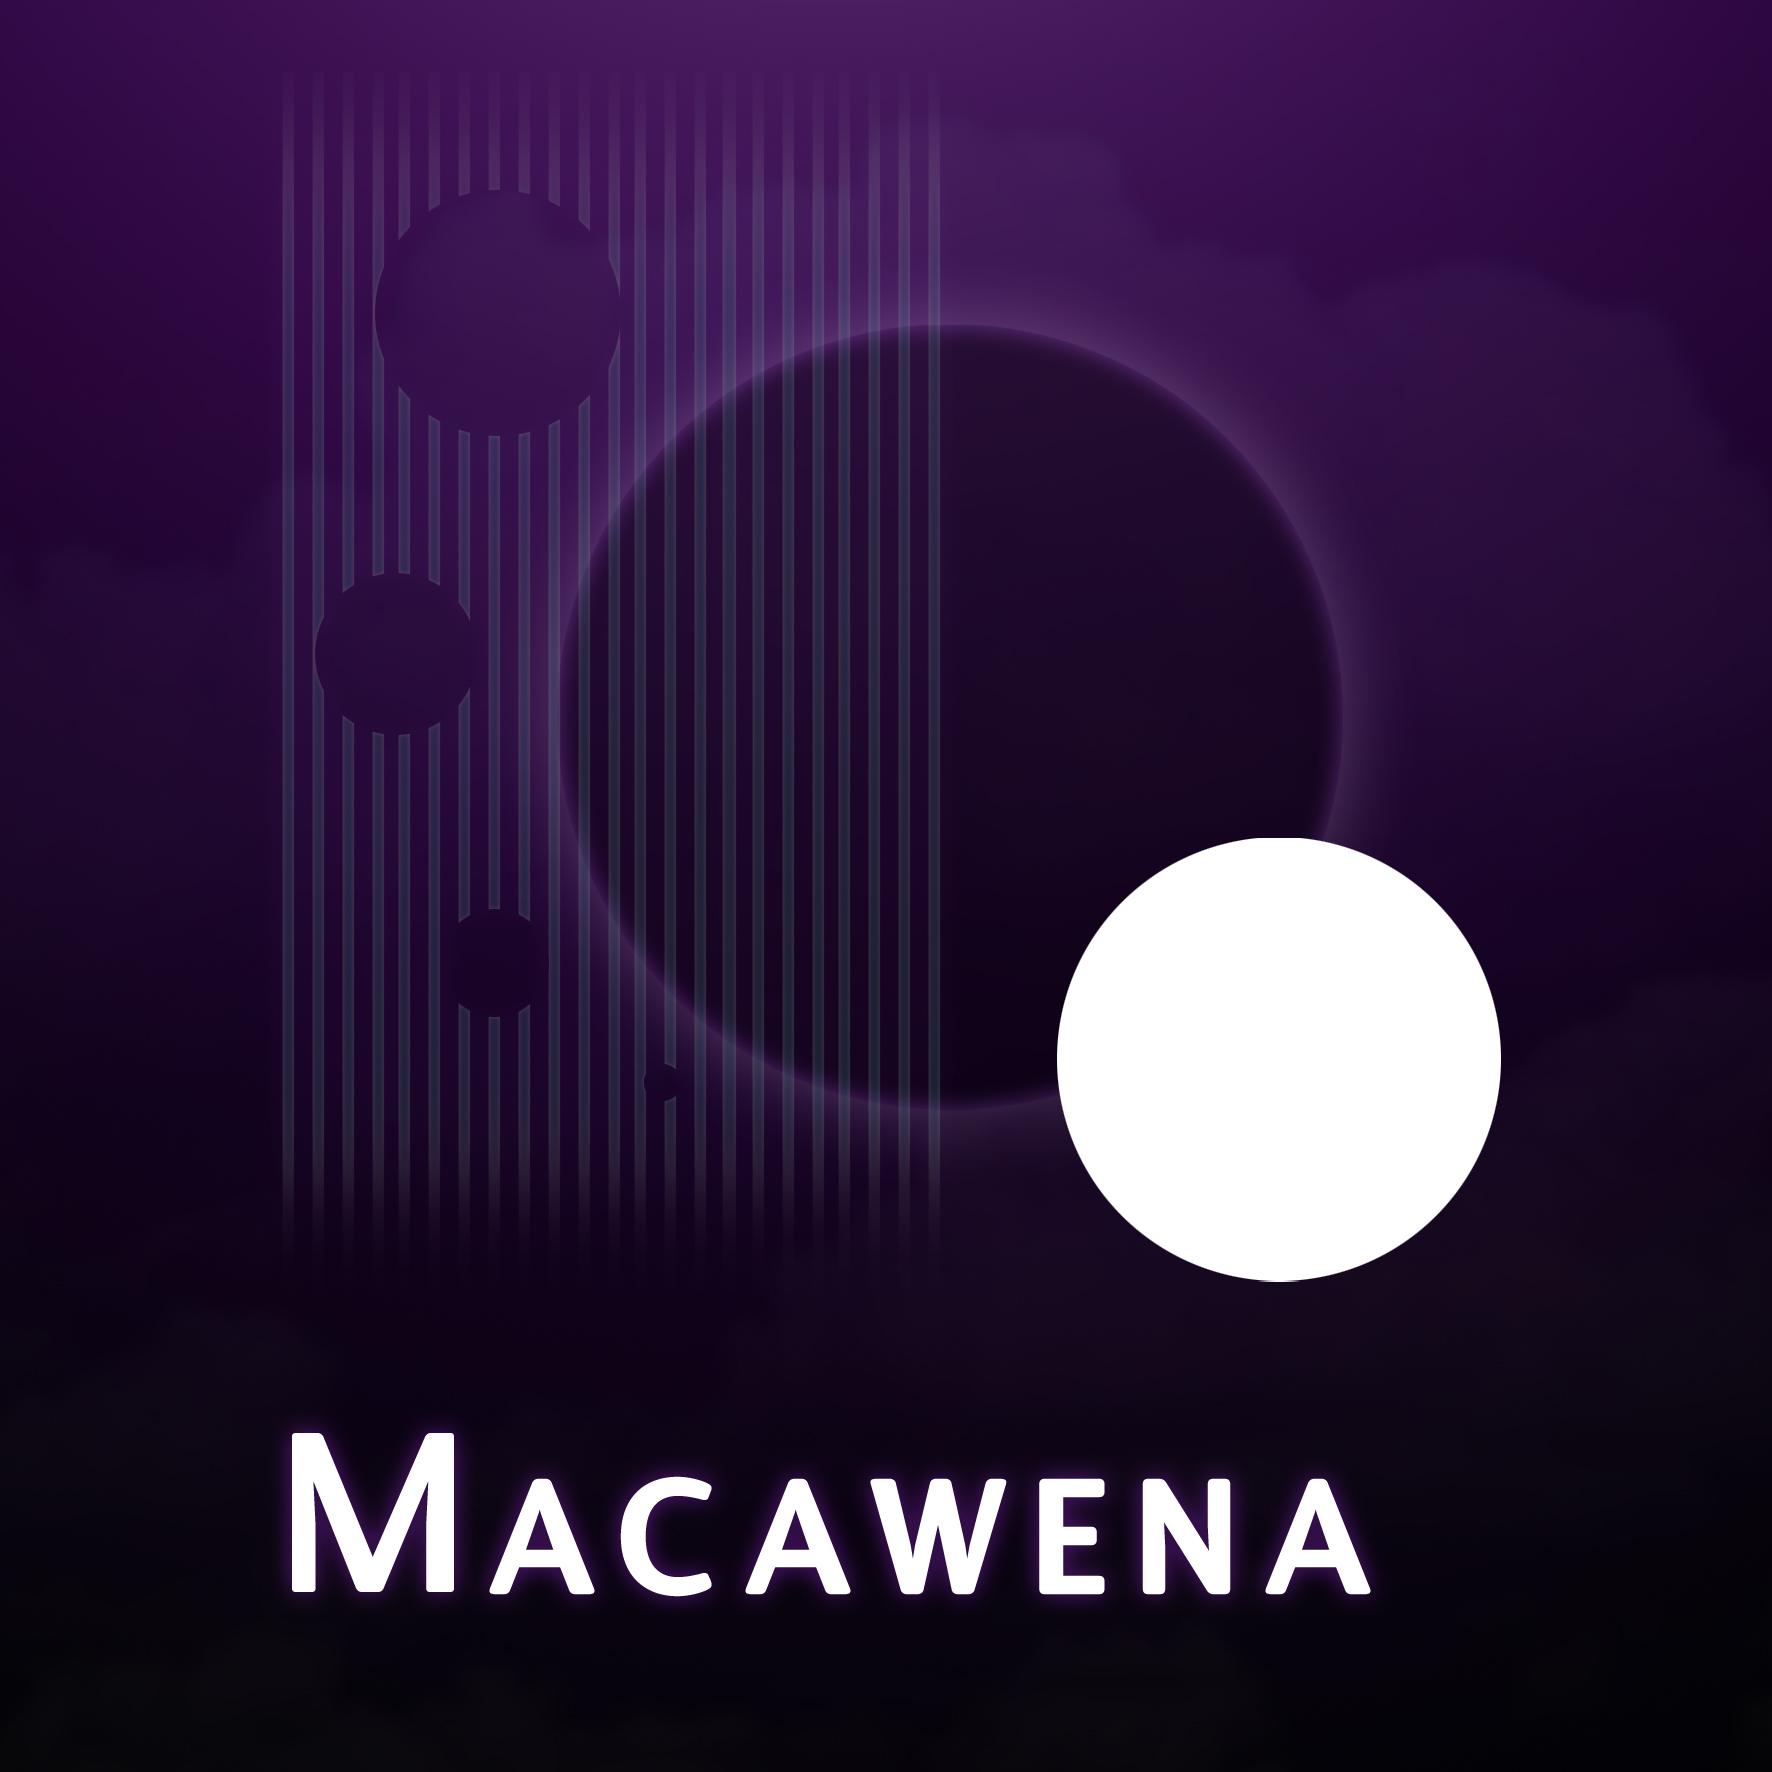 AvatarSoundcloudMacawena-8b